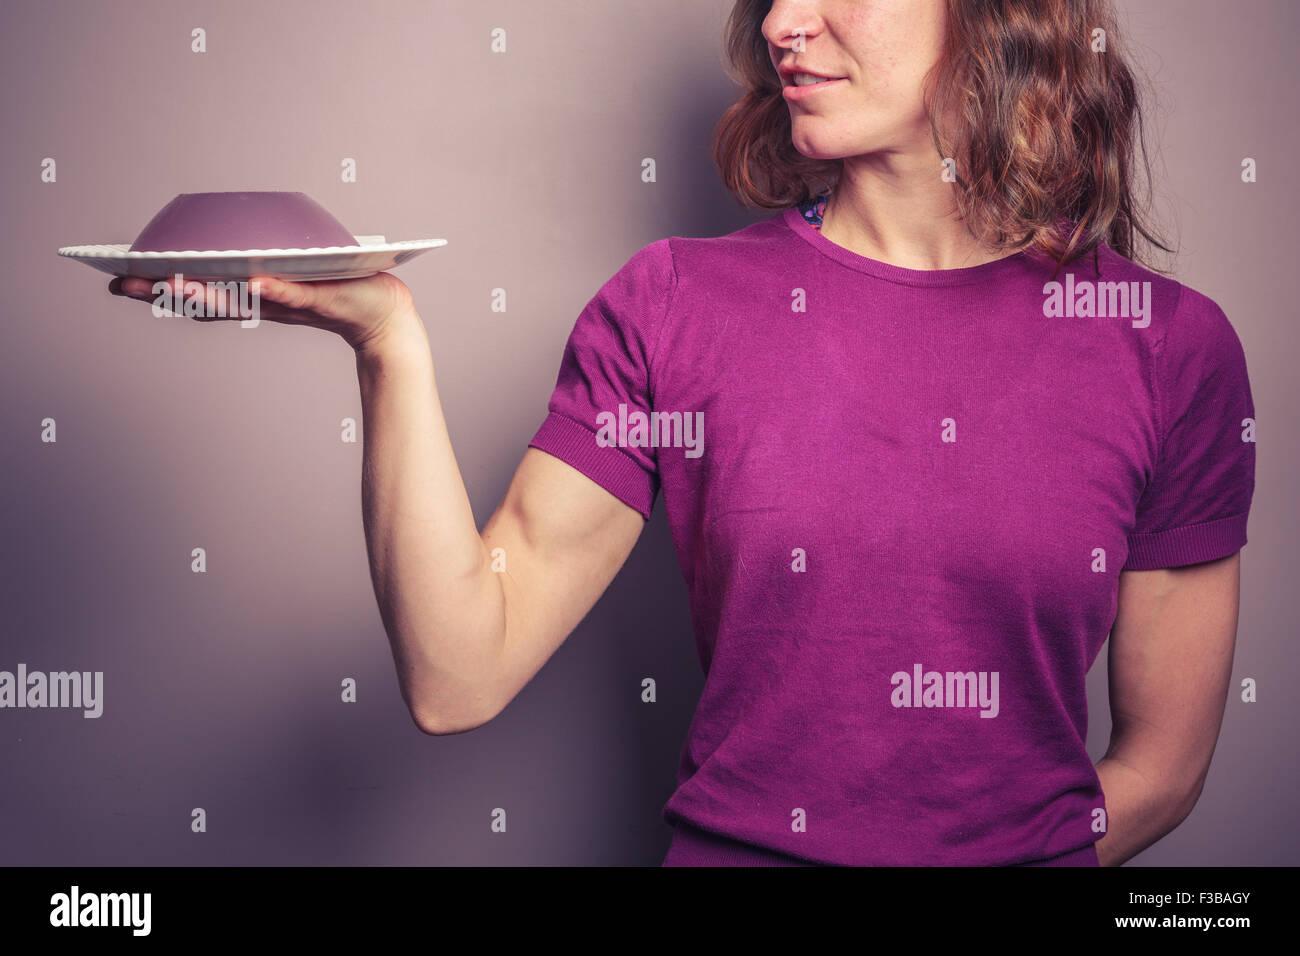 Eine junge Frau in einem lila Top präsentiert einen Teller mit Gelee Stockbild